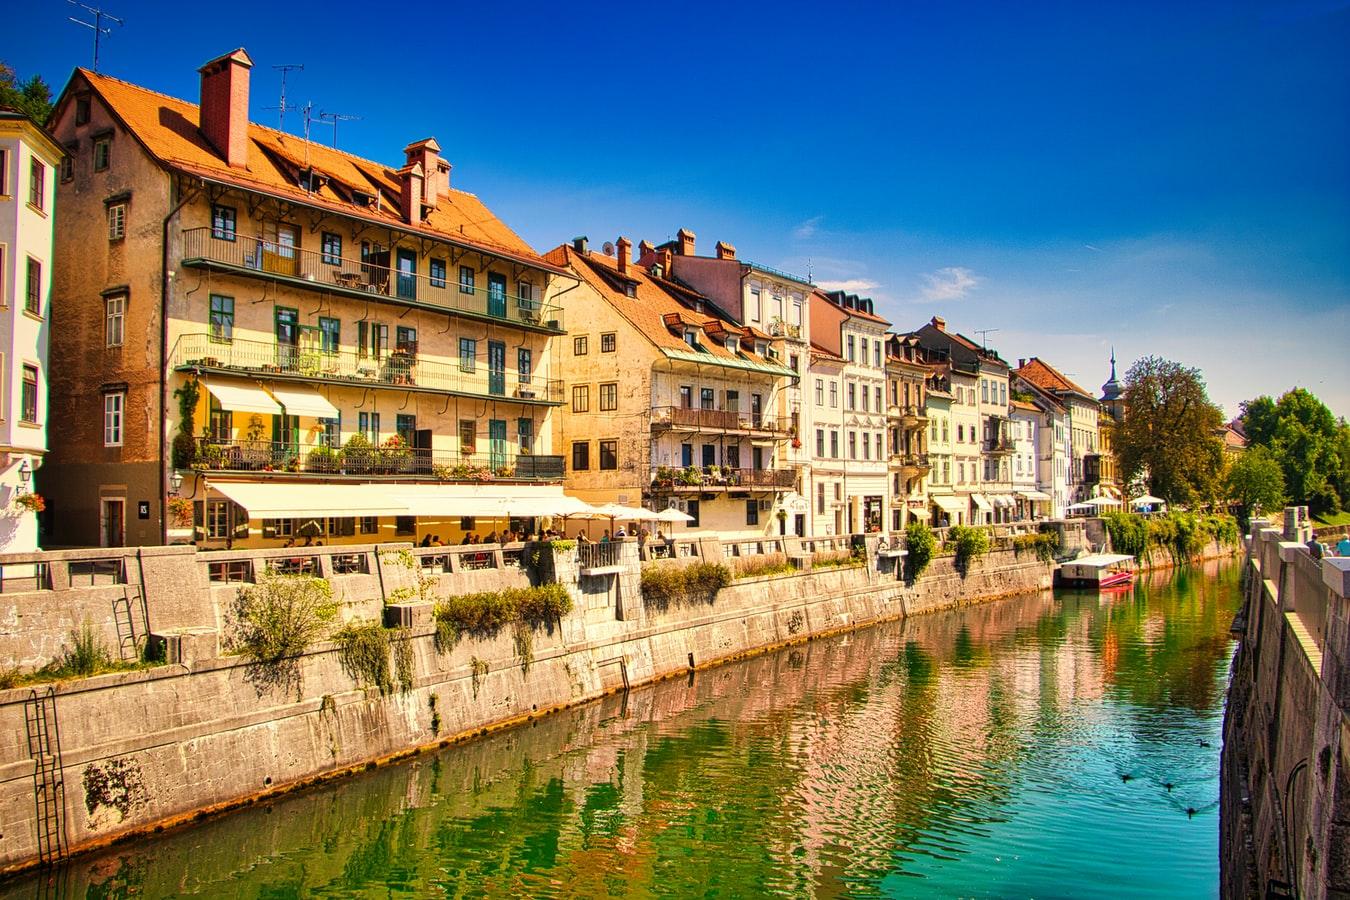 Auslandspraktikum in Slowenien - Ljubljana